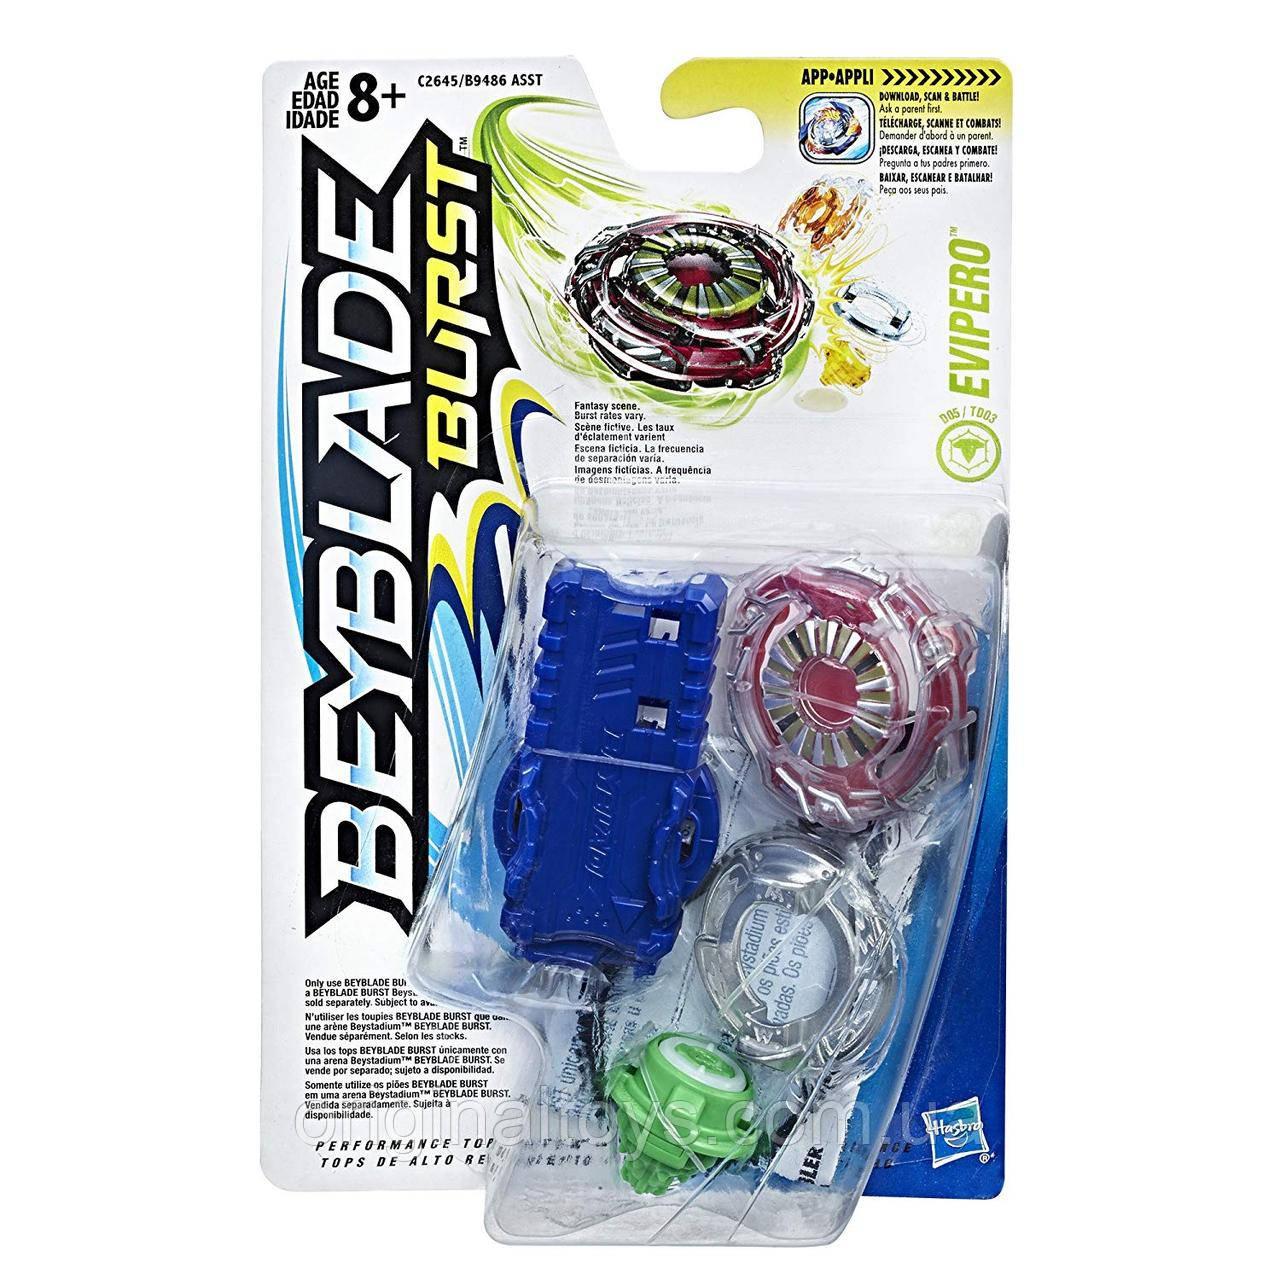 Beyblade Burst Бейблэйд Волчок с пусковым устройством Evipero Hasbro